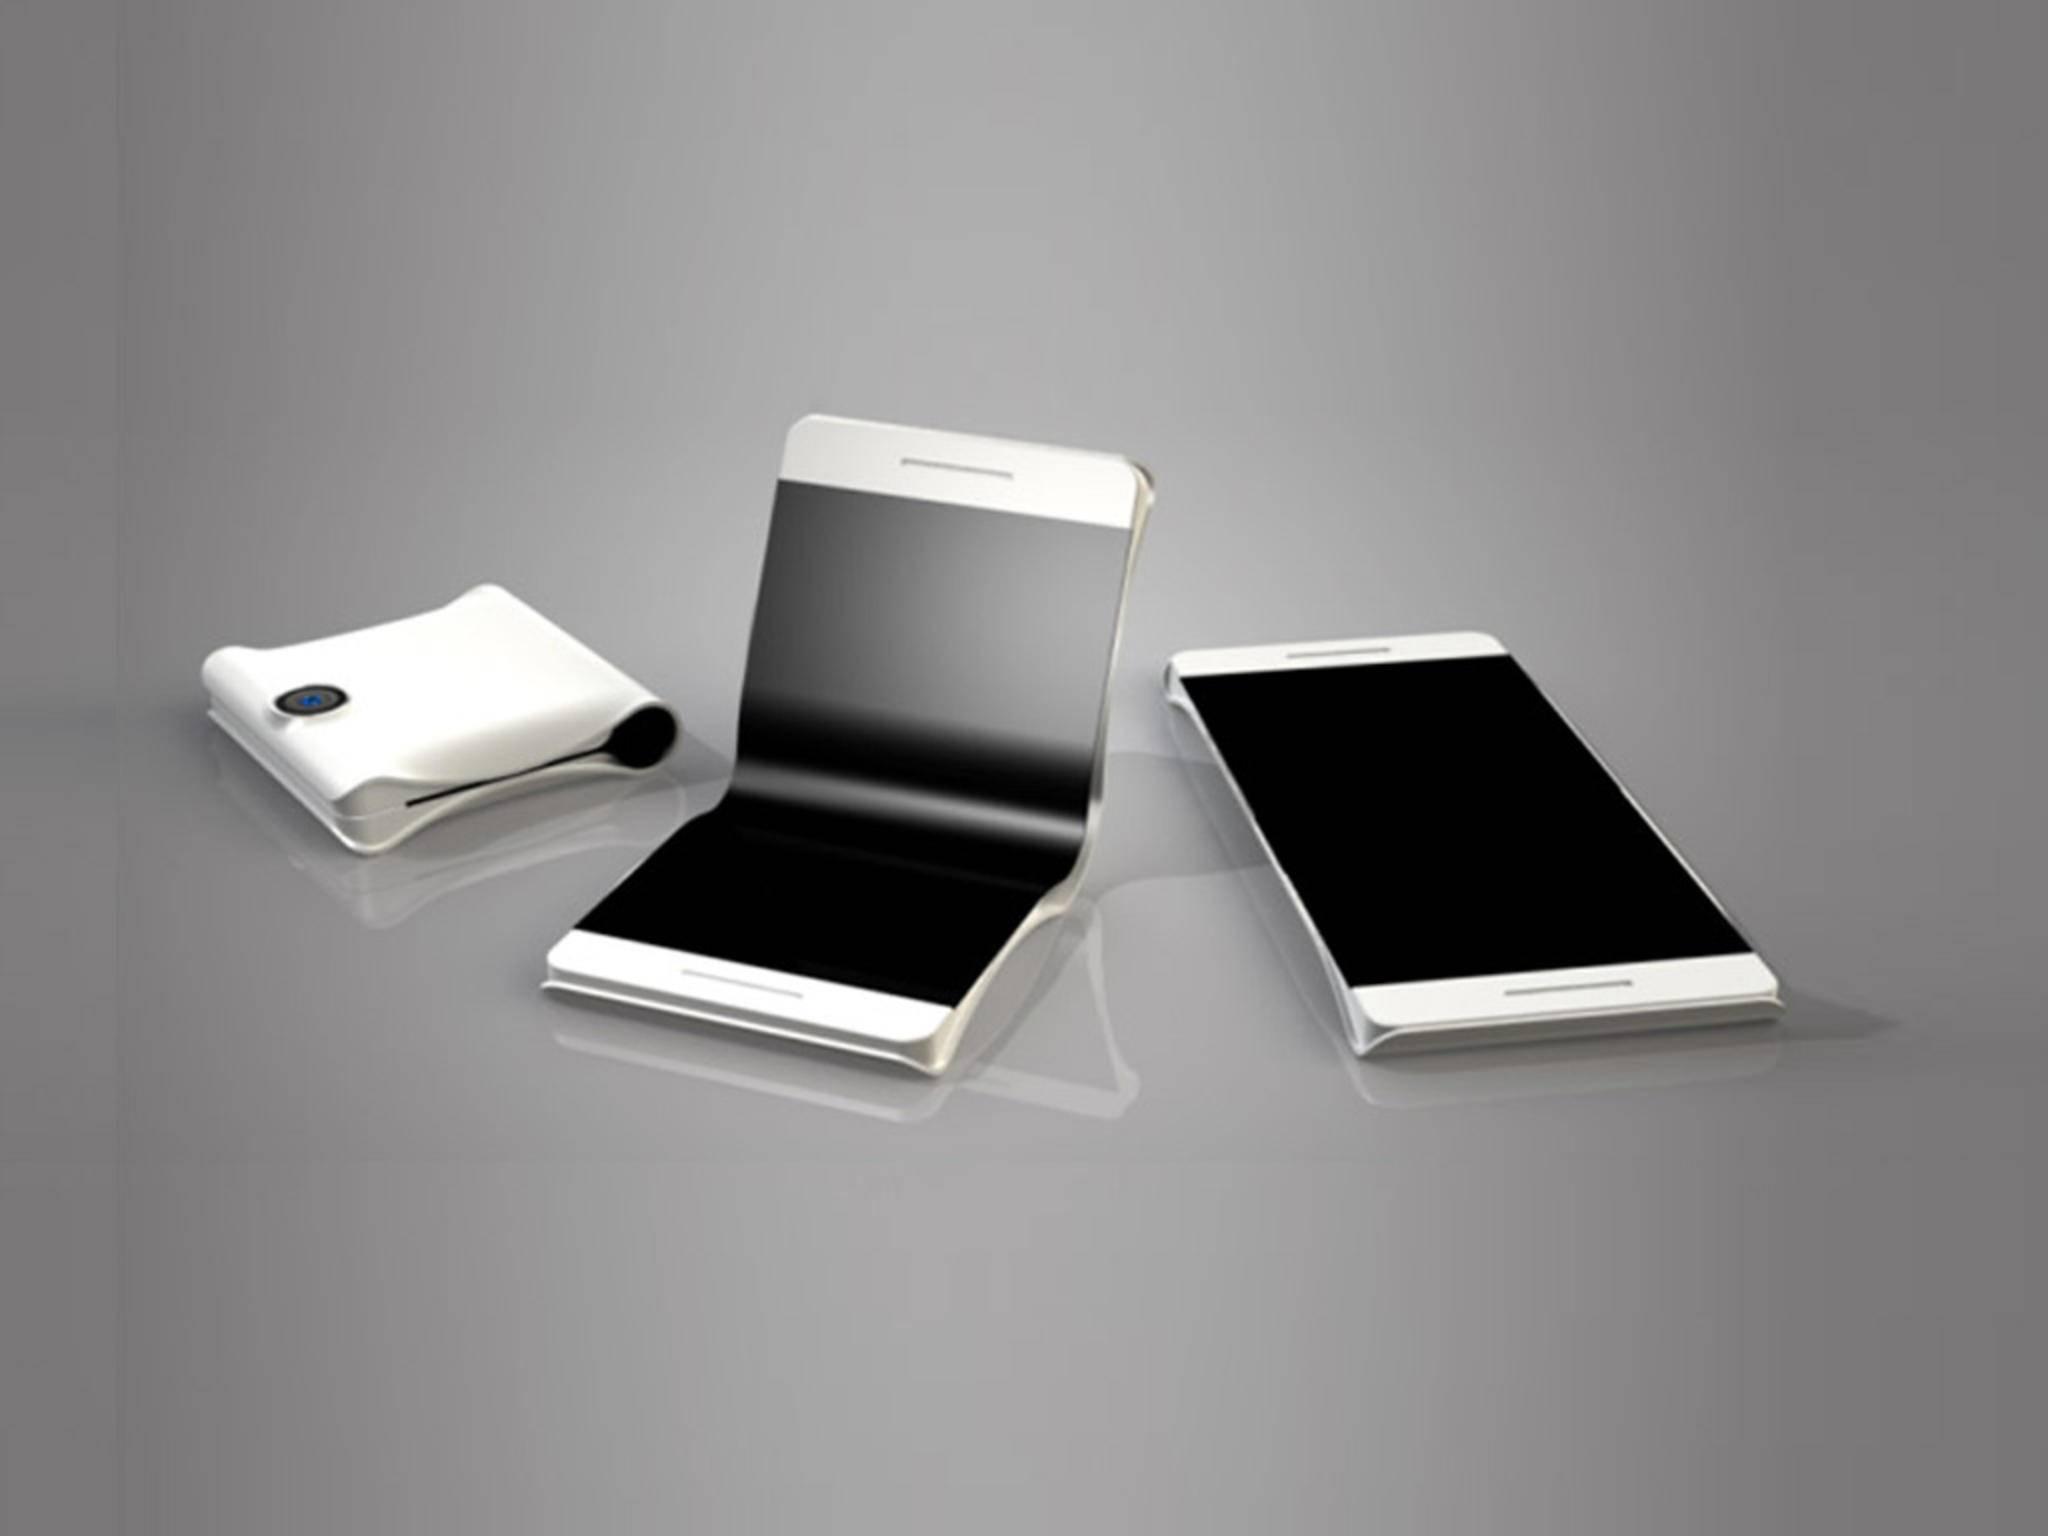 Faltbares Smartphone von Samsung